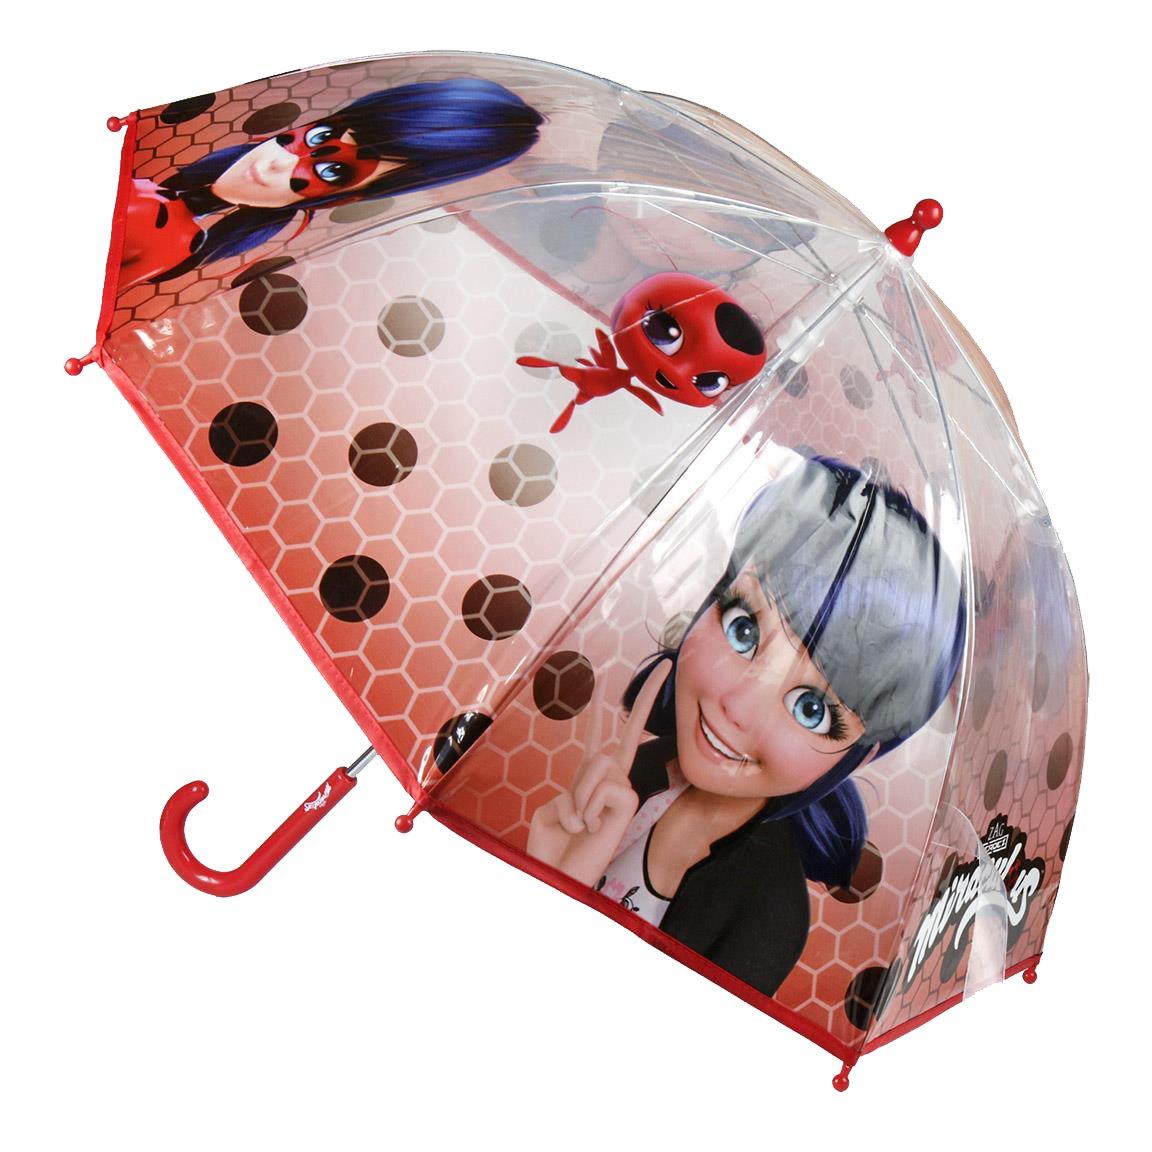 Paraguas transparente de Ladybug.